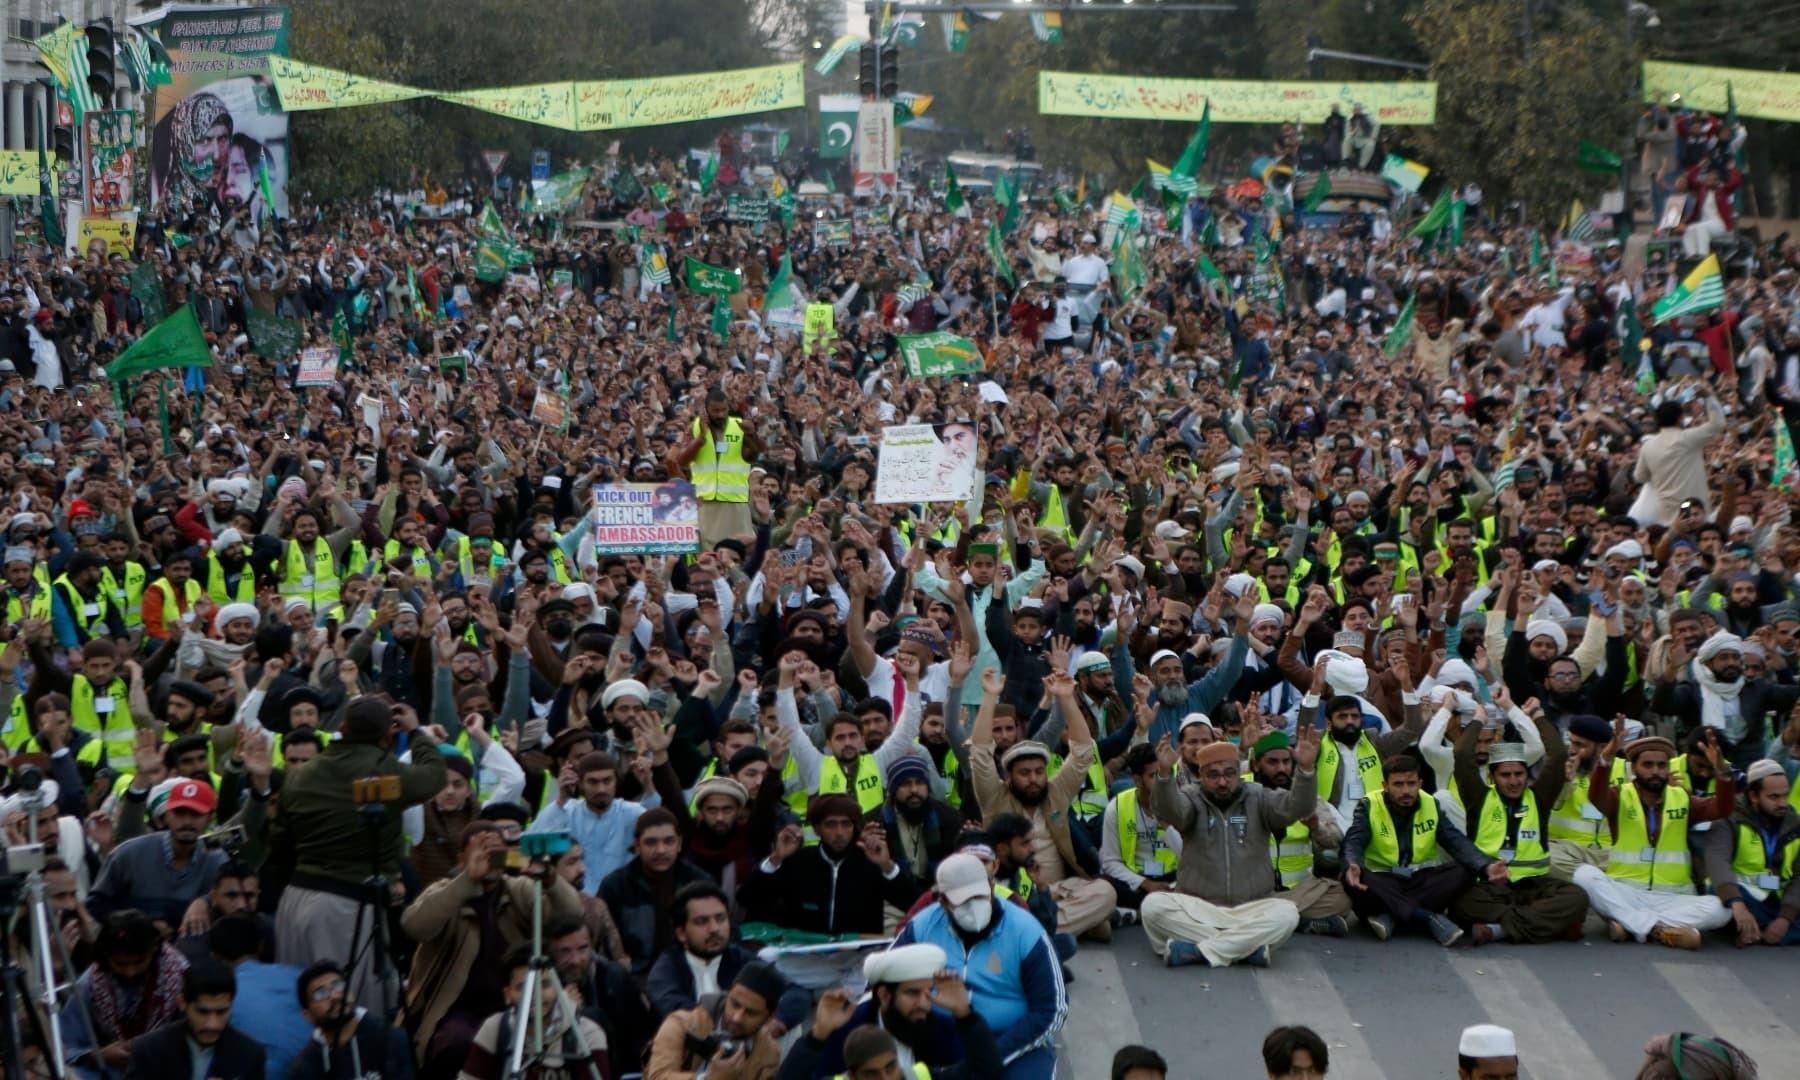 لاہور میں تحریک لبیک پاکستان کے کارکنوں نے بڑی تعداد میں سڑکوں پر نکل کر کشمیر سے یک جہتی کی—فوٹو: اے پی